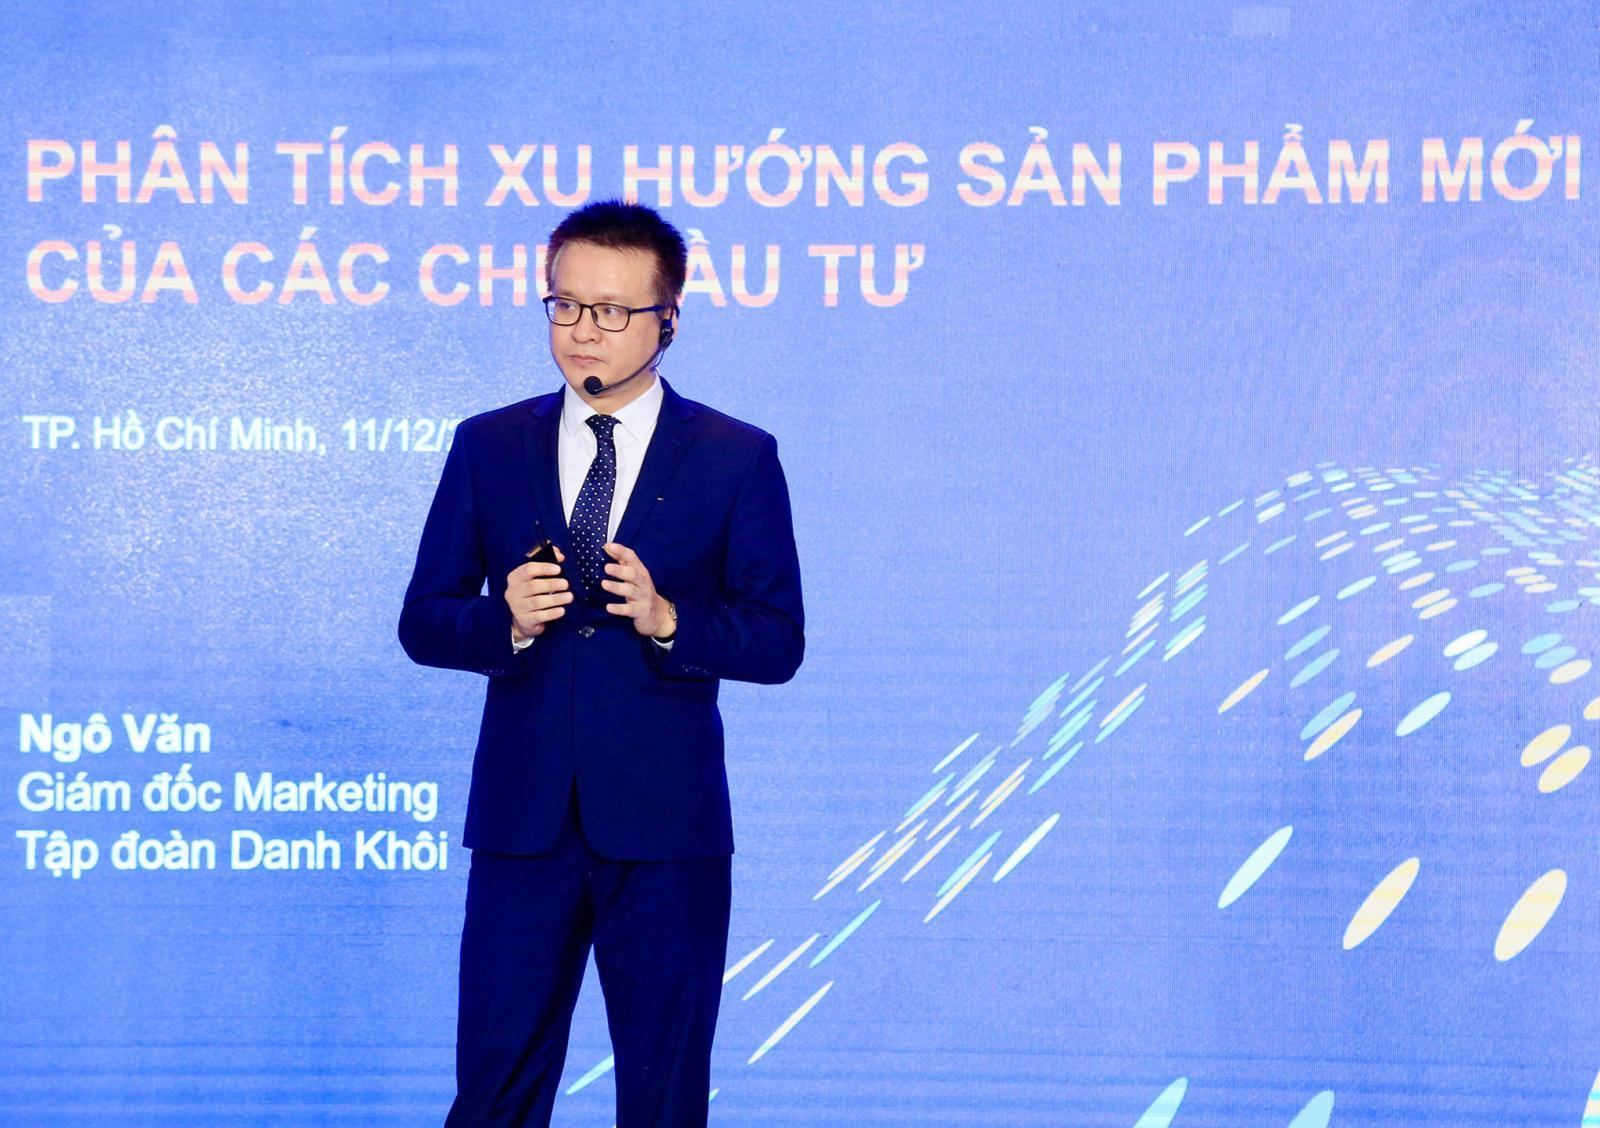 Hình ảnh ông Ngô Văn